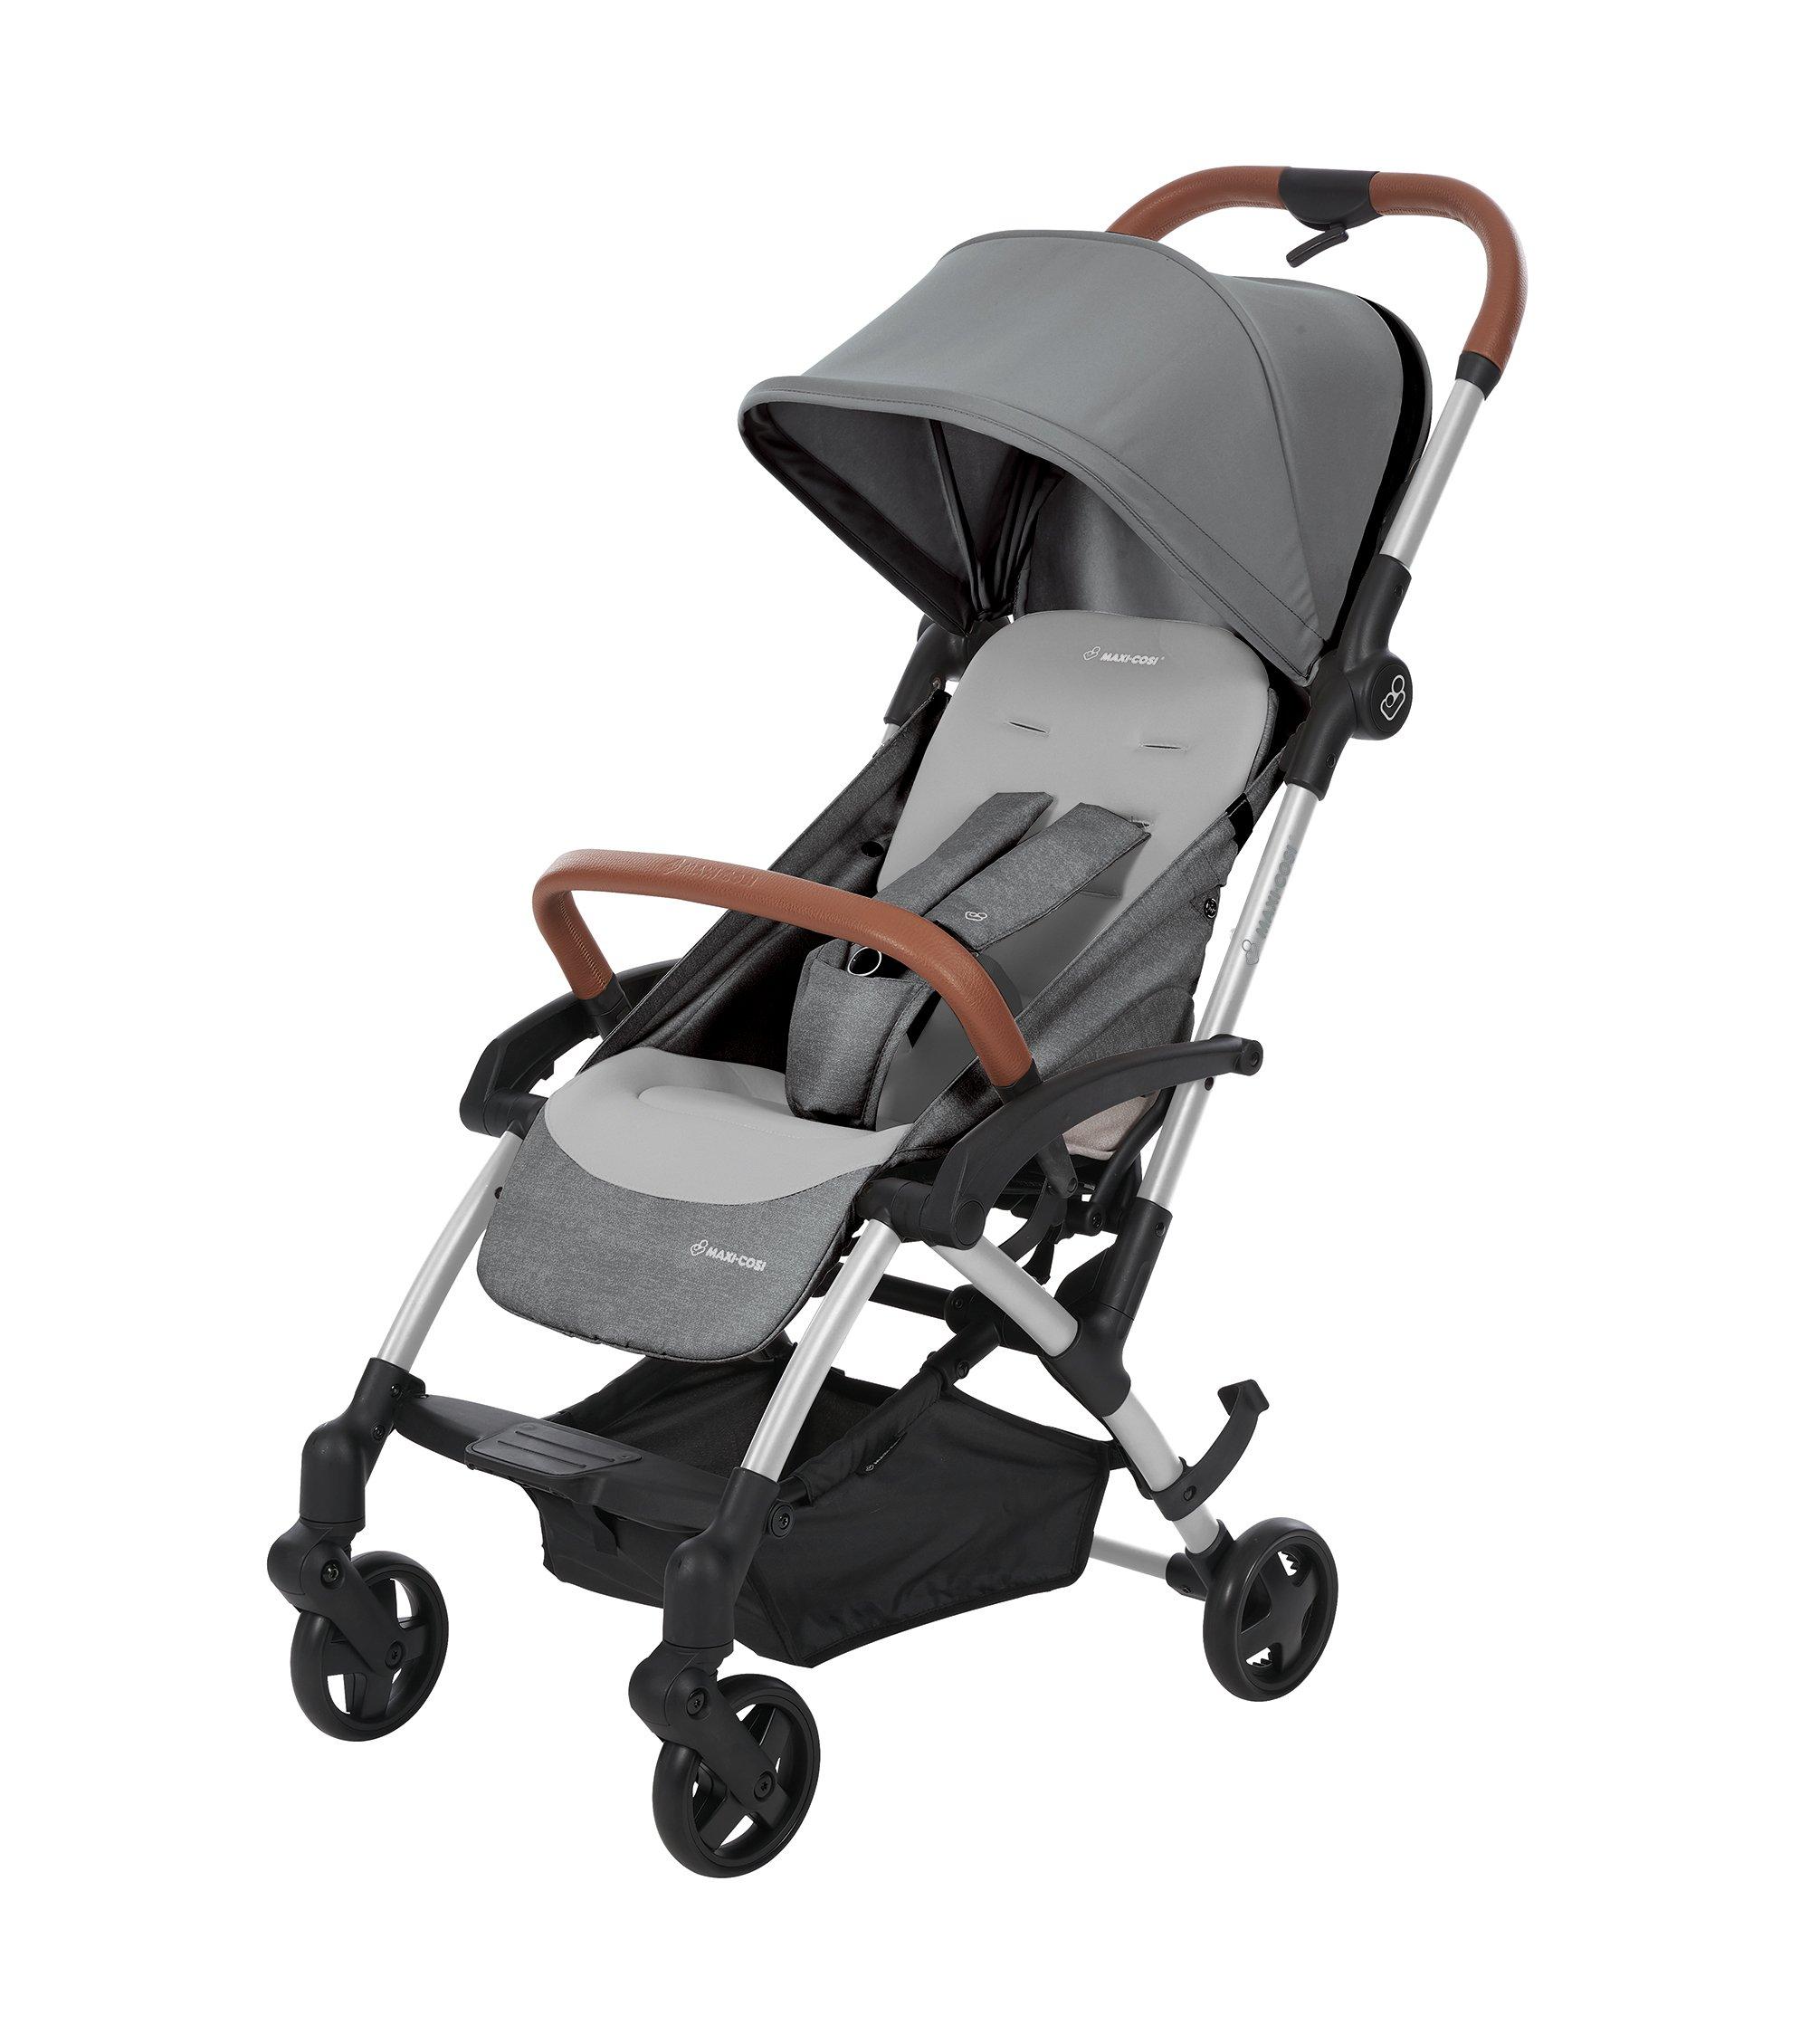 Maxi Cosi Laika Baby-Kinderwagen, einfach zusammenklappbar, ultra-kompakter und federleichter Buggy, ideal für die City…